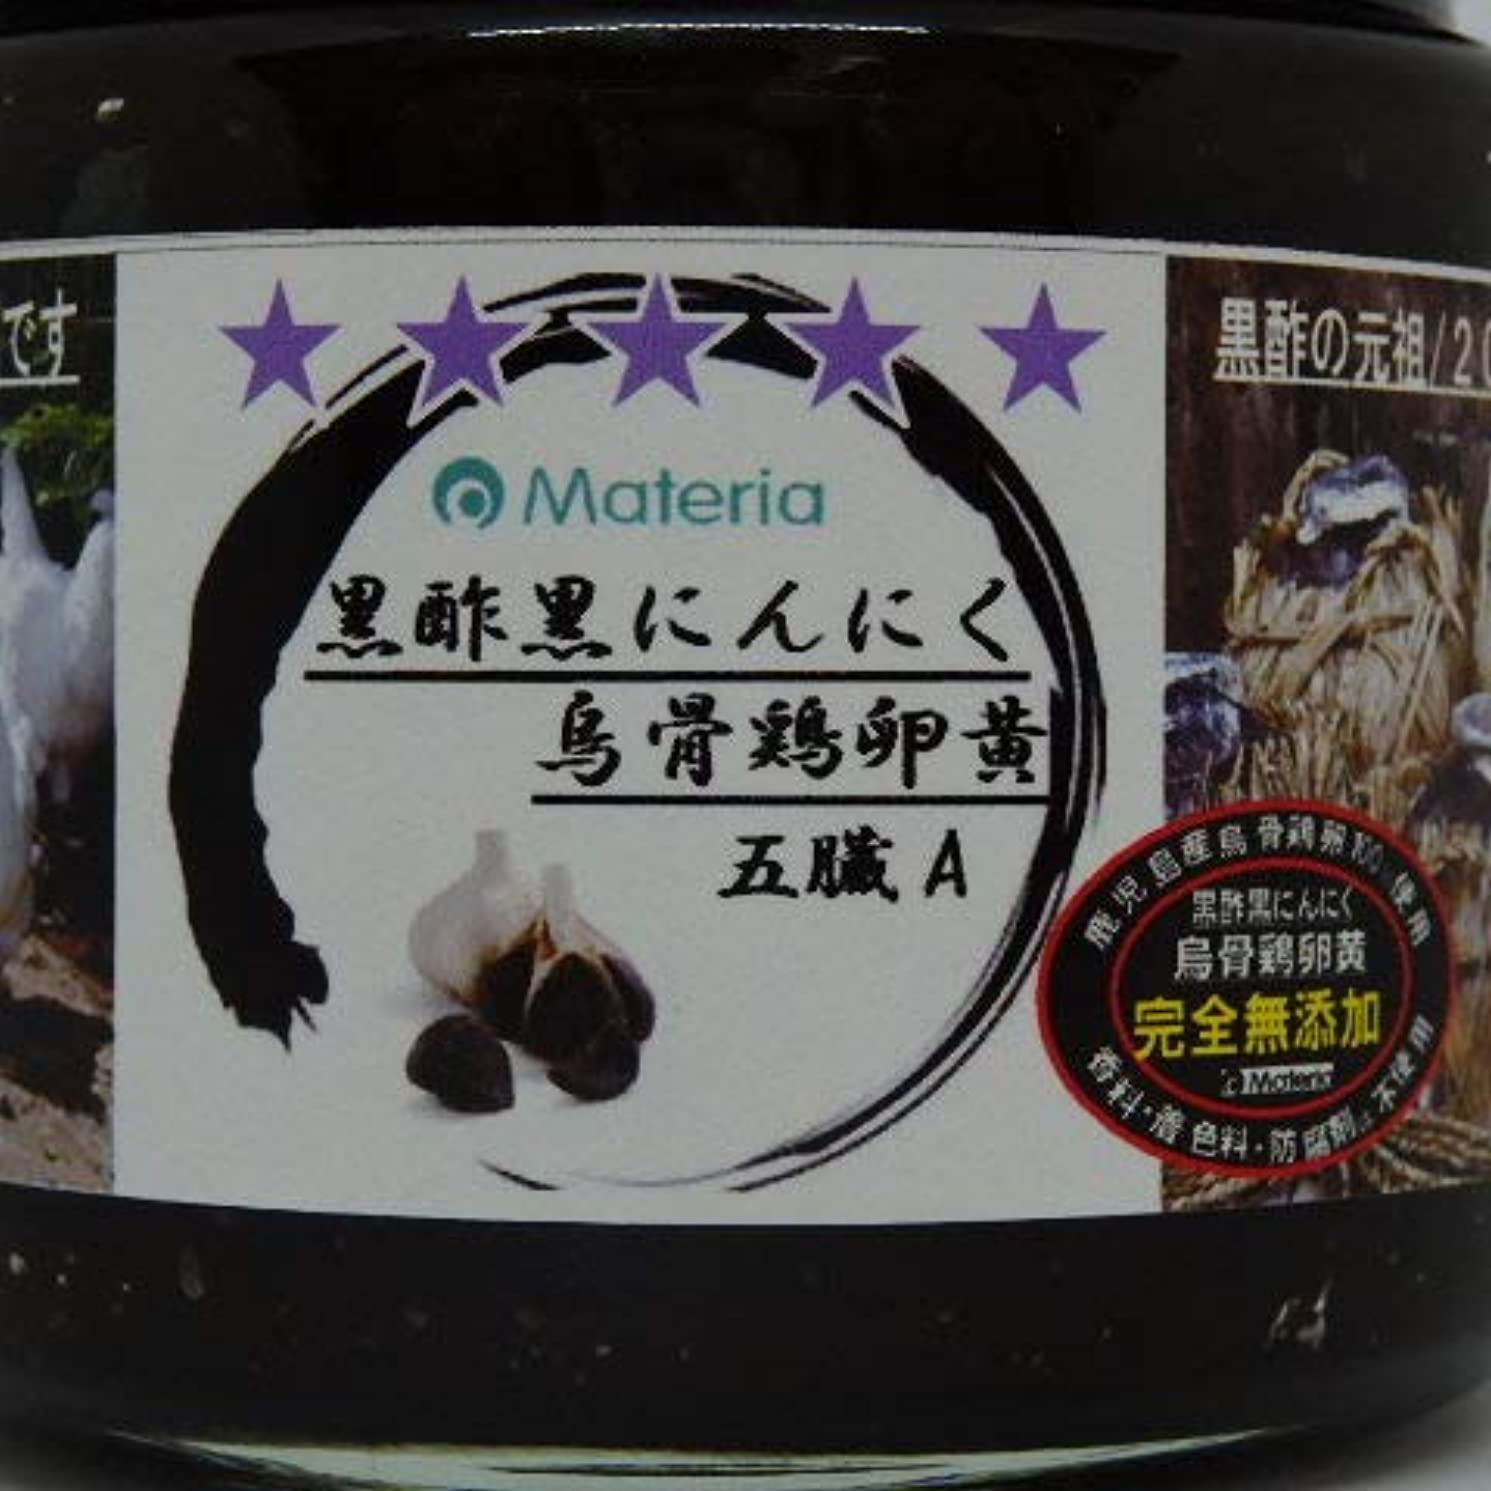 スペイン苗クーポン黒酢黒にんにく烏骨鶏卵黄/五臓系ペ-スト早溶150g(1月分)¥11,600